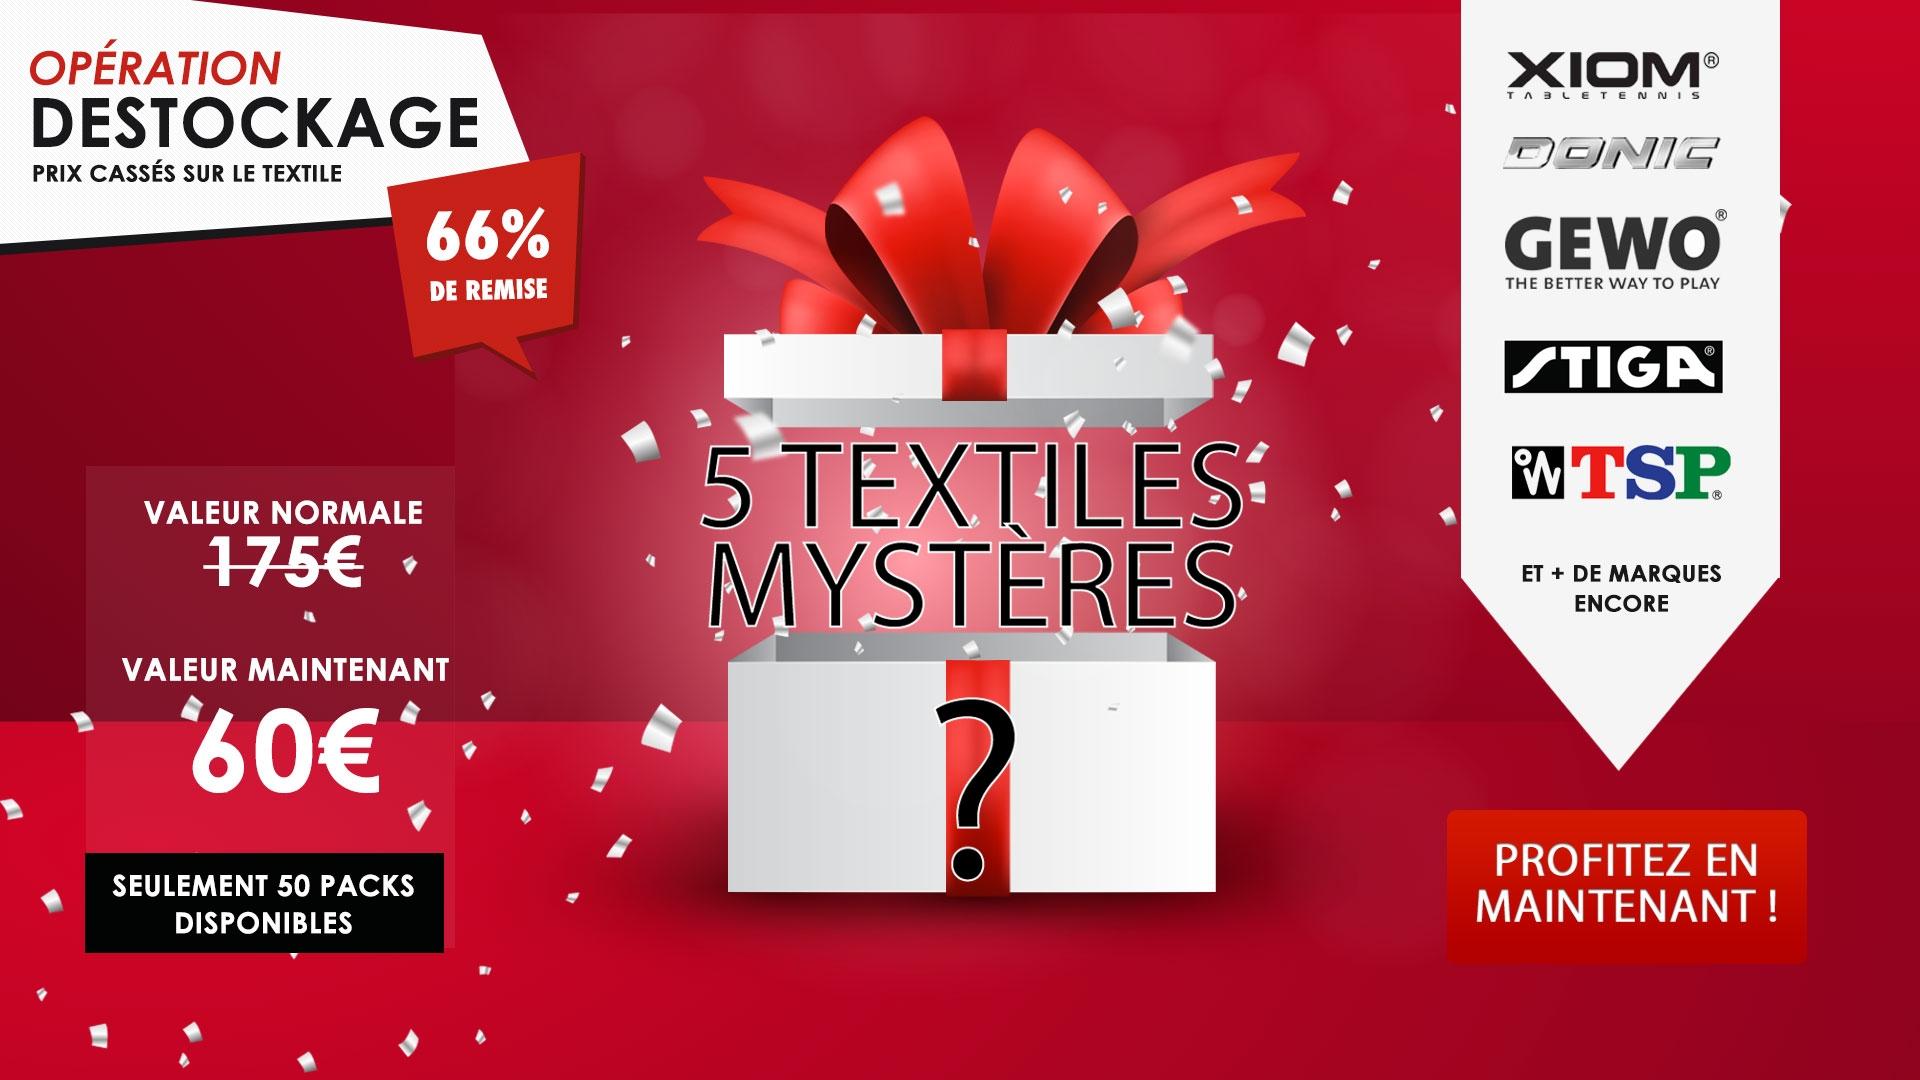 Destockage sur le textile chez Misterping